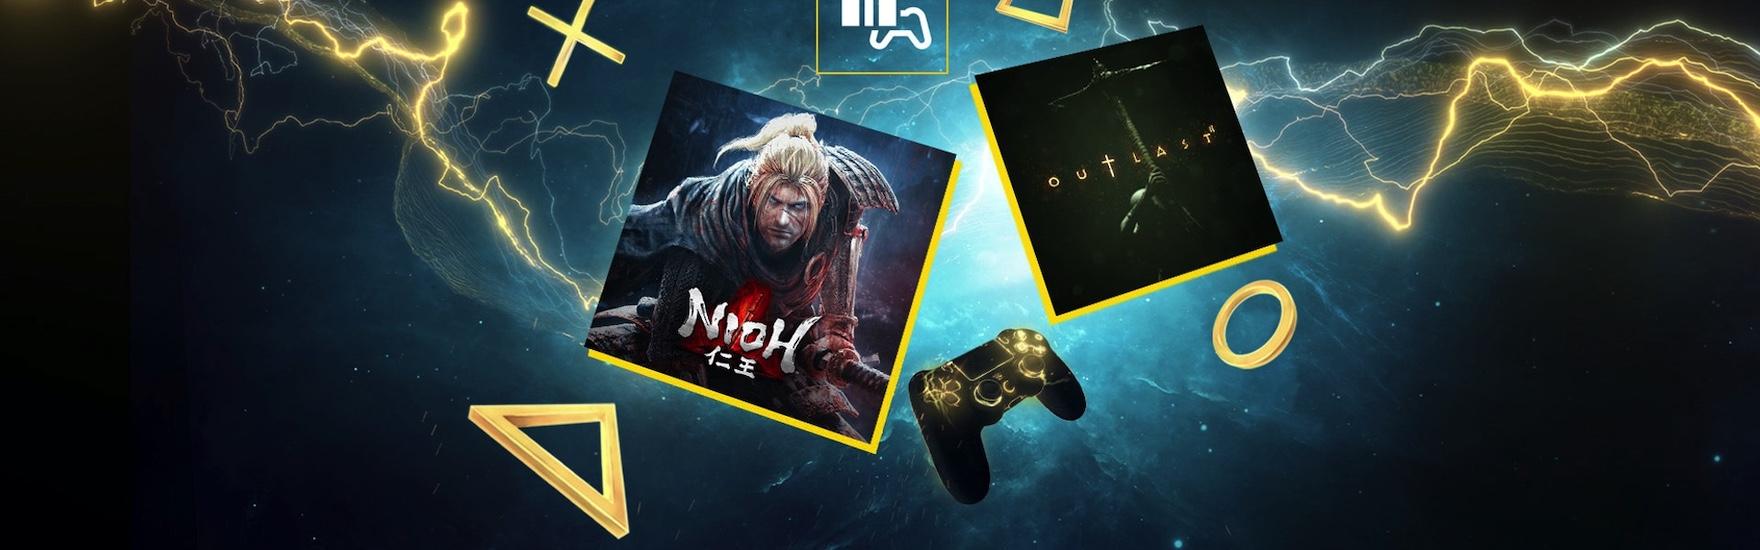 2019ko azaroa PS Plus-en: Dark Souls klonarik onena eta harpidetzako beldurrezko izua